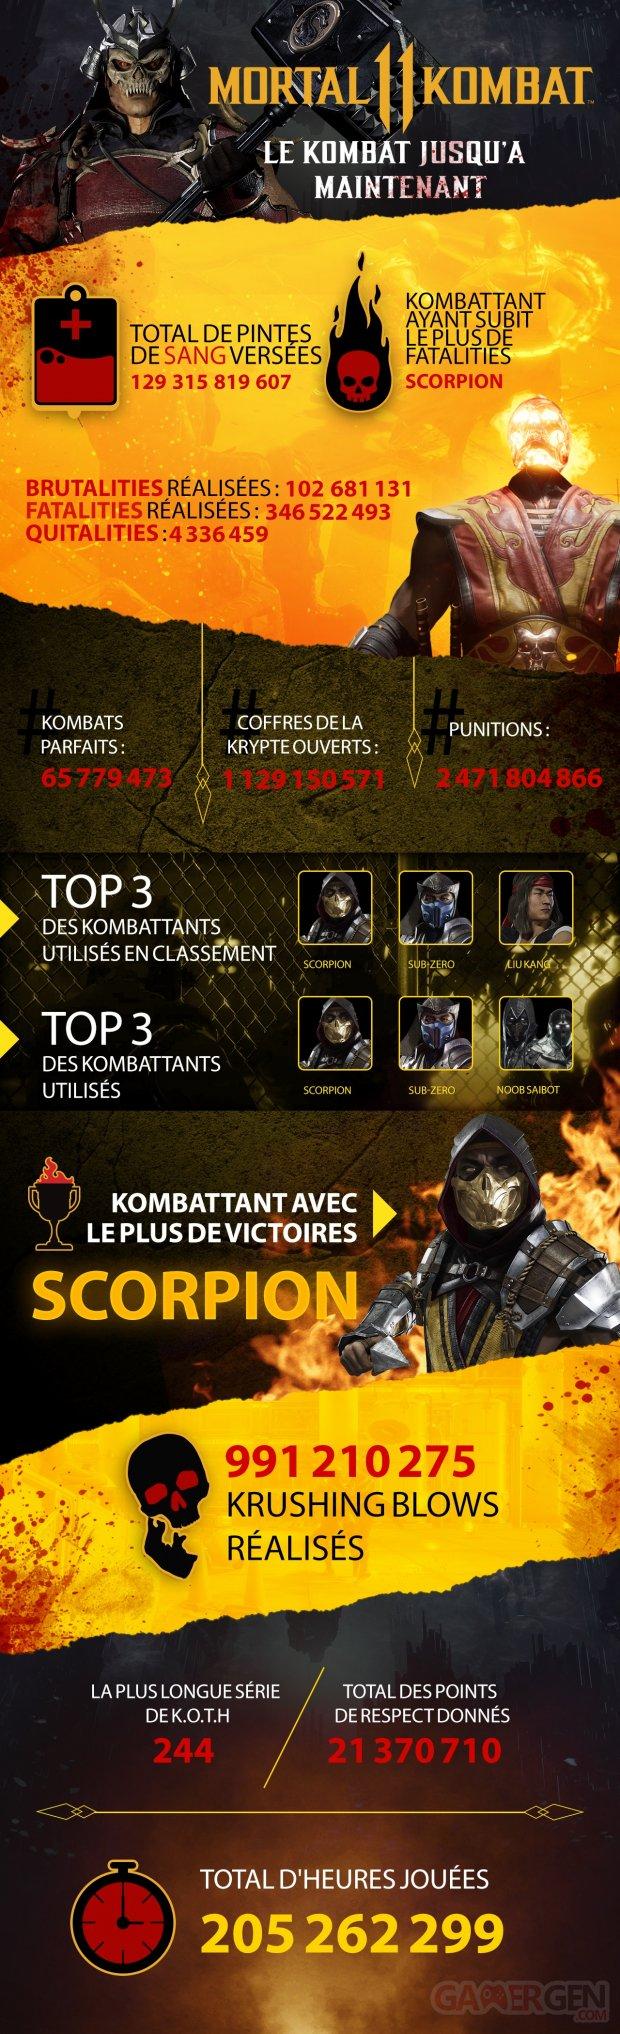 Mortal Kombat 11 Infographic v4 newfont FR